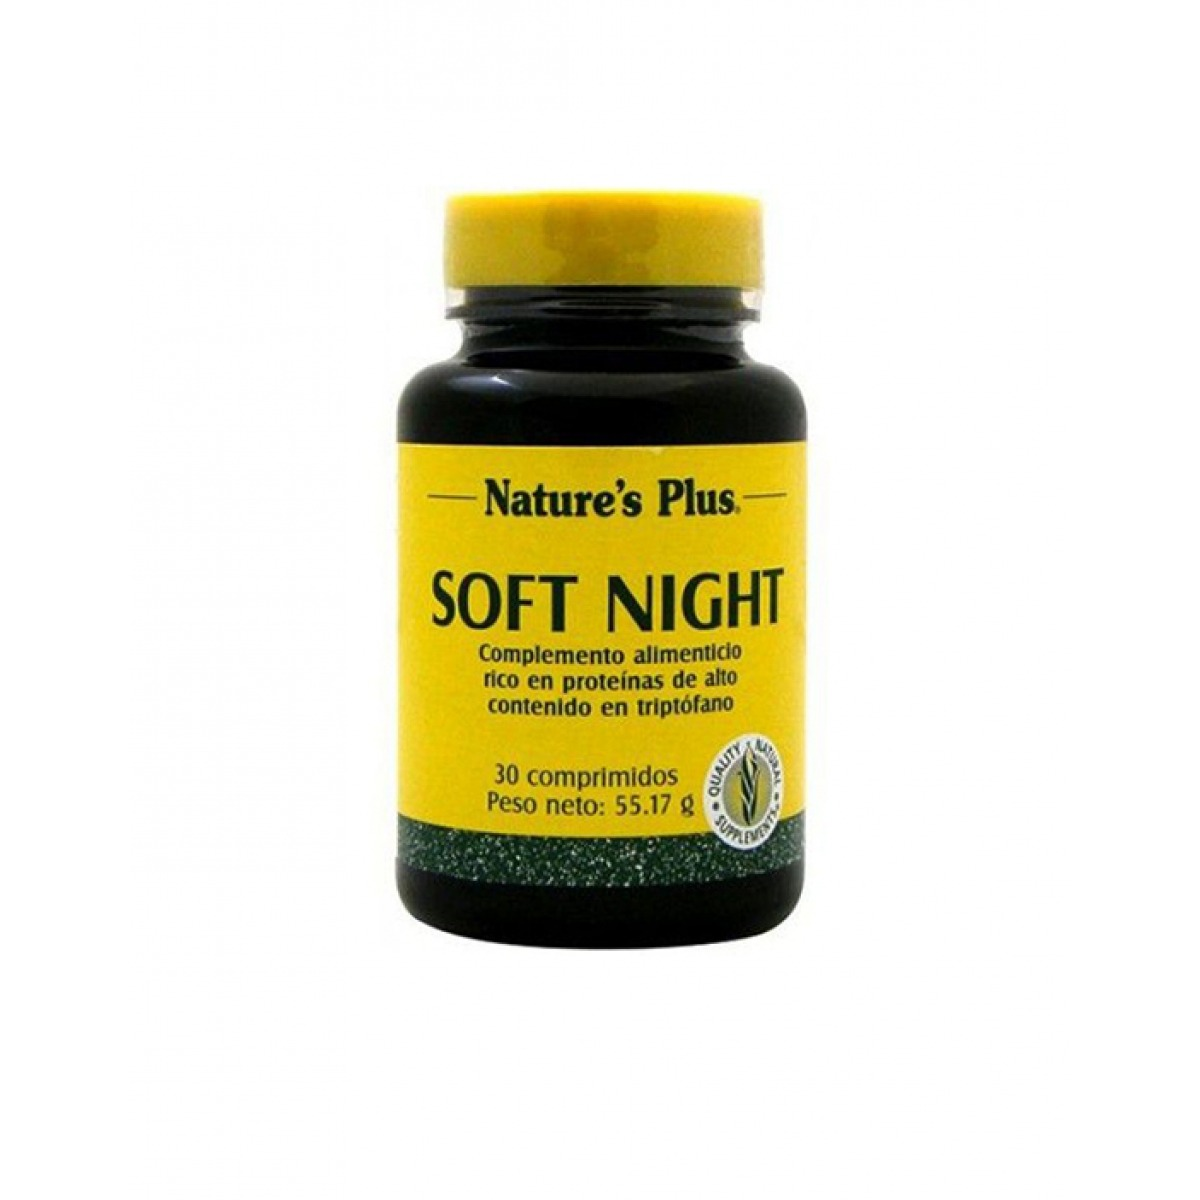 NATURES PLUS SOFT NIGHT 30 COMPRIMIDOS.